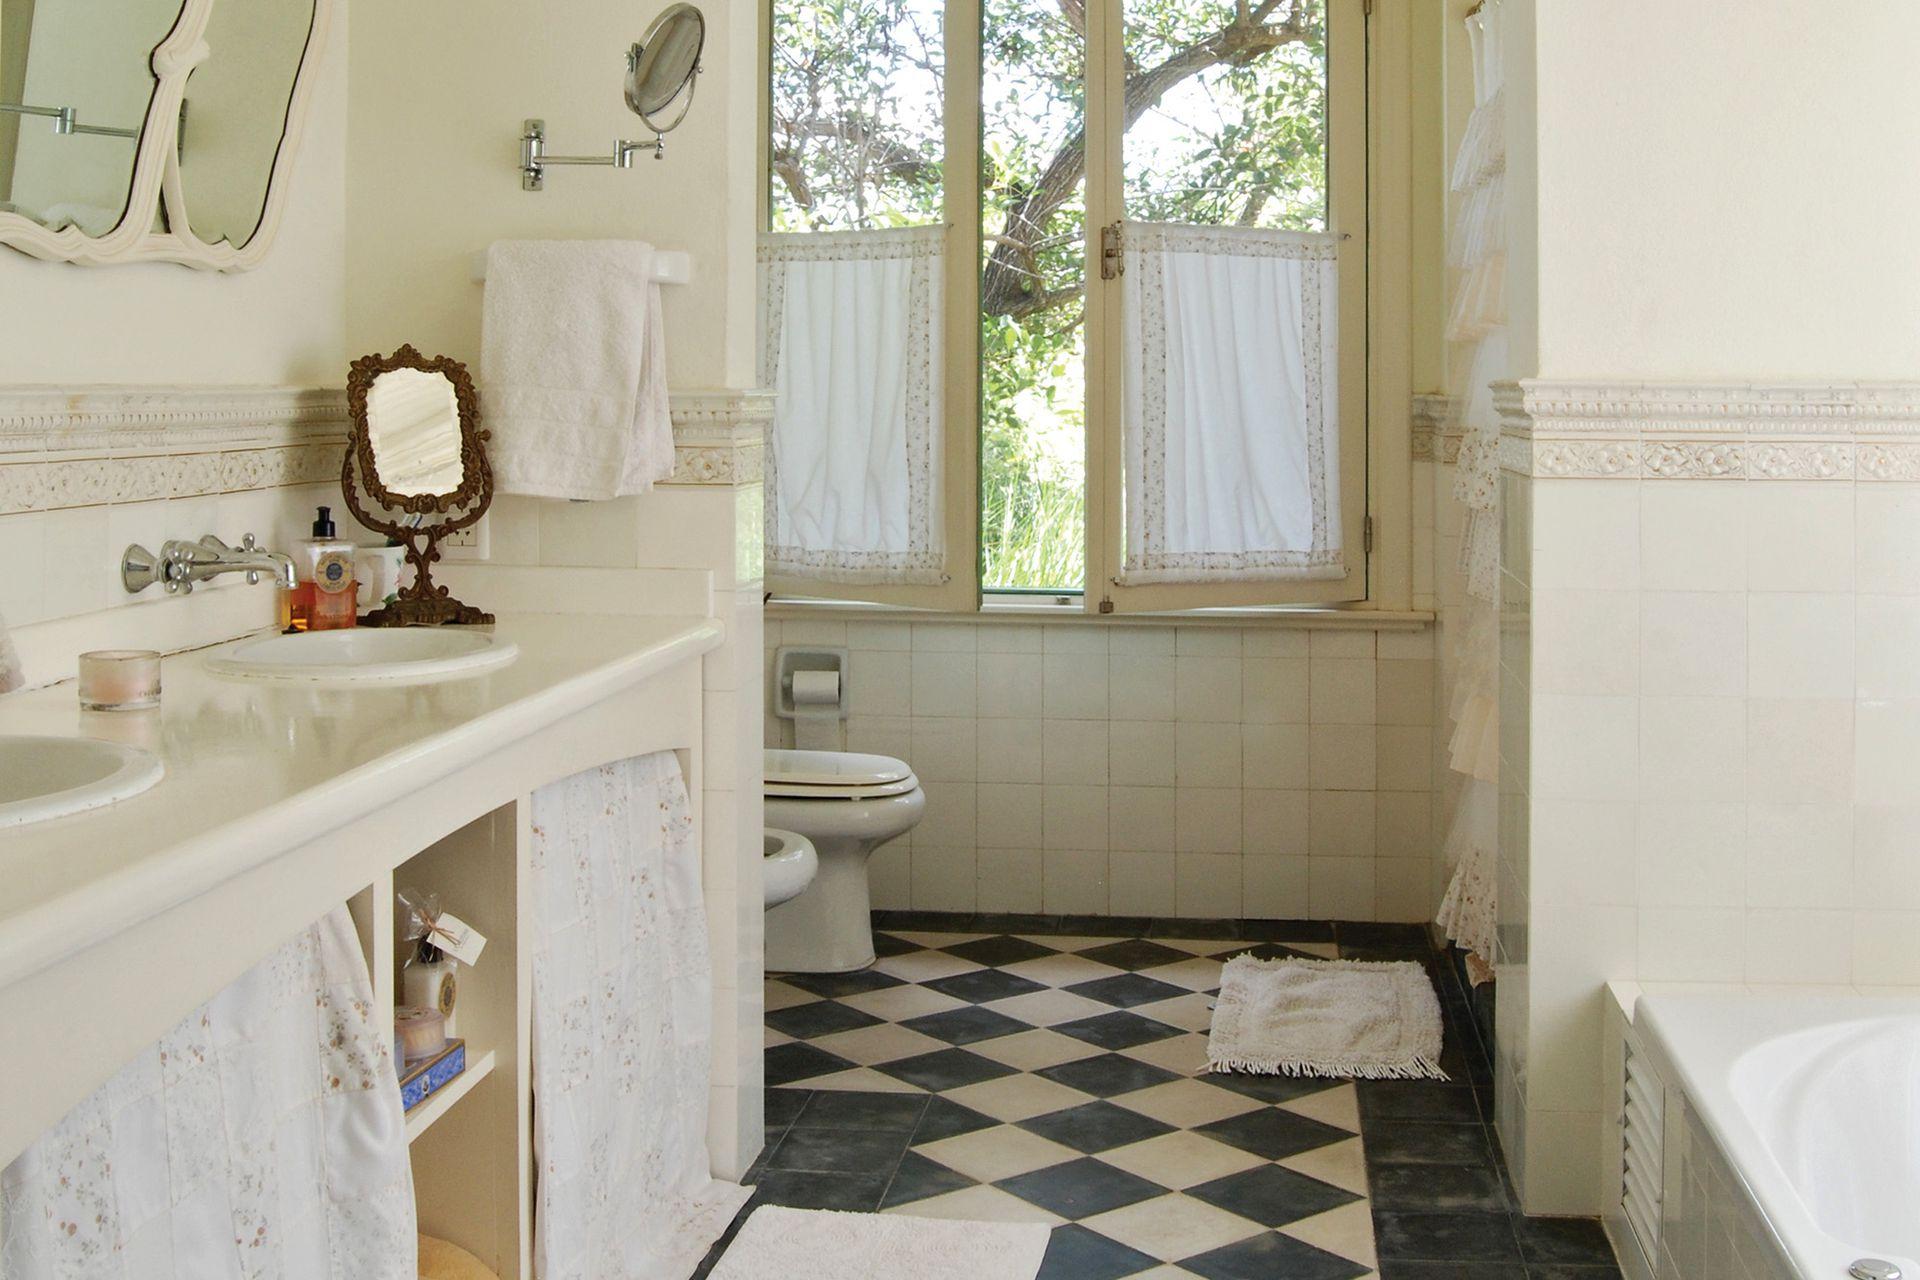 Pisos en damero y espejos de antaño para darle una impronta antigua al baño. ,